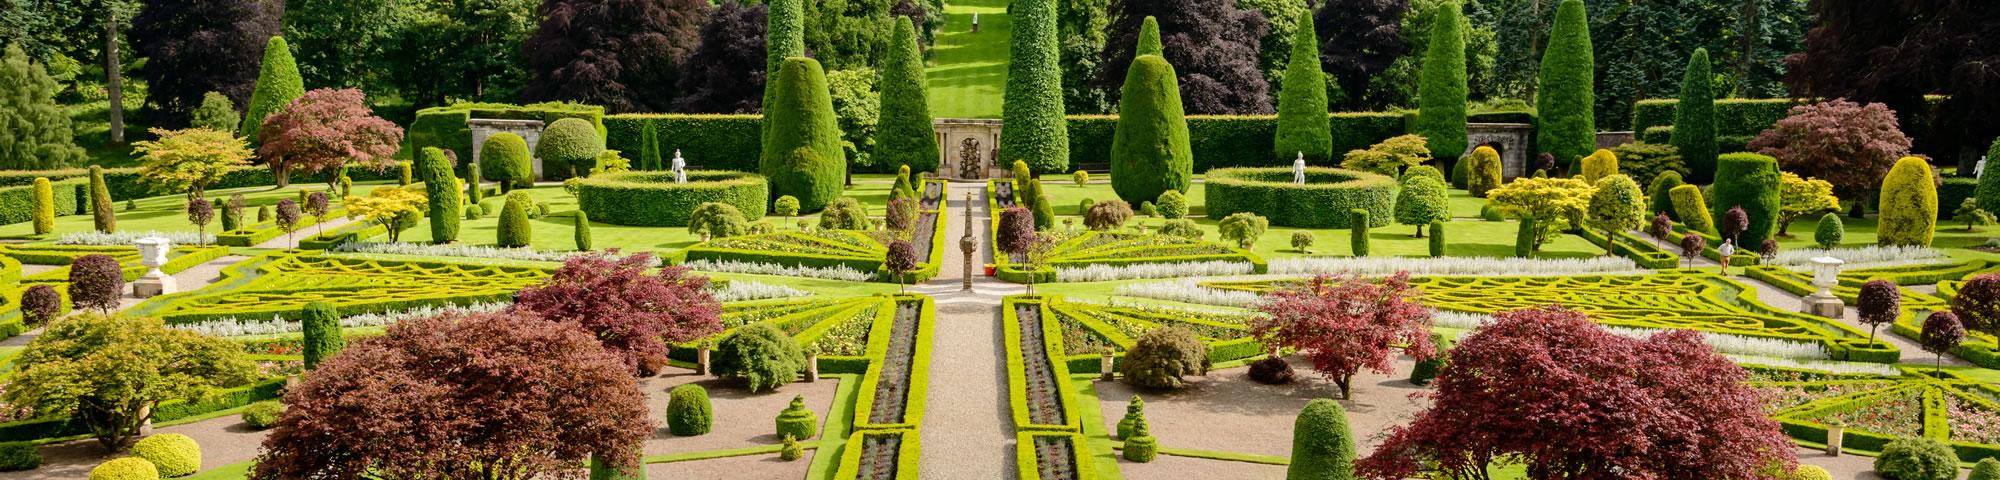 Drummond Castle Gardens near Crieff